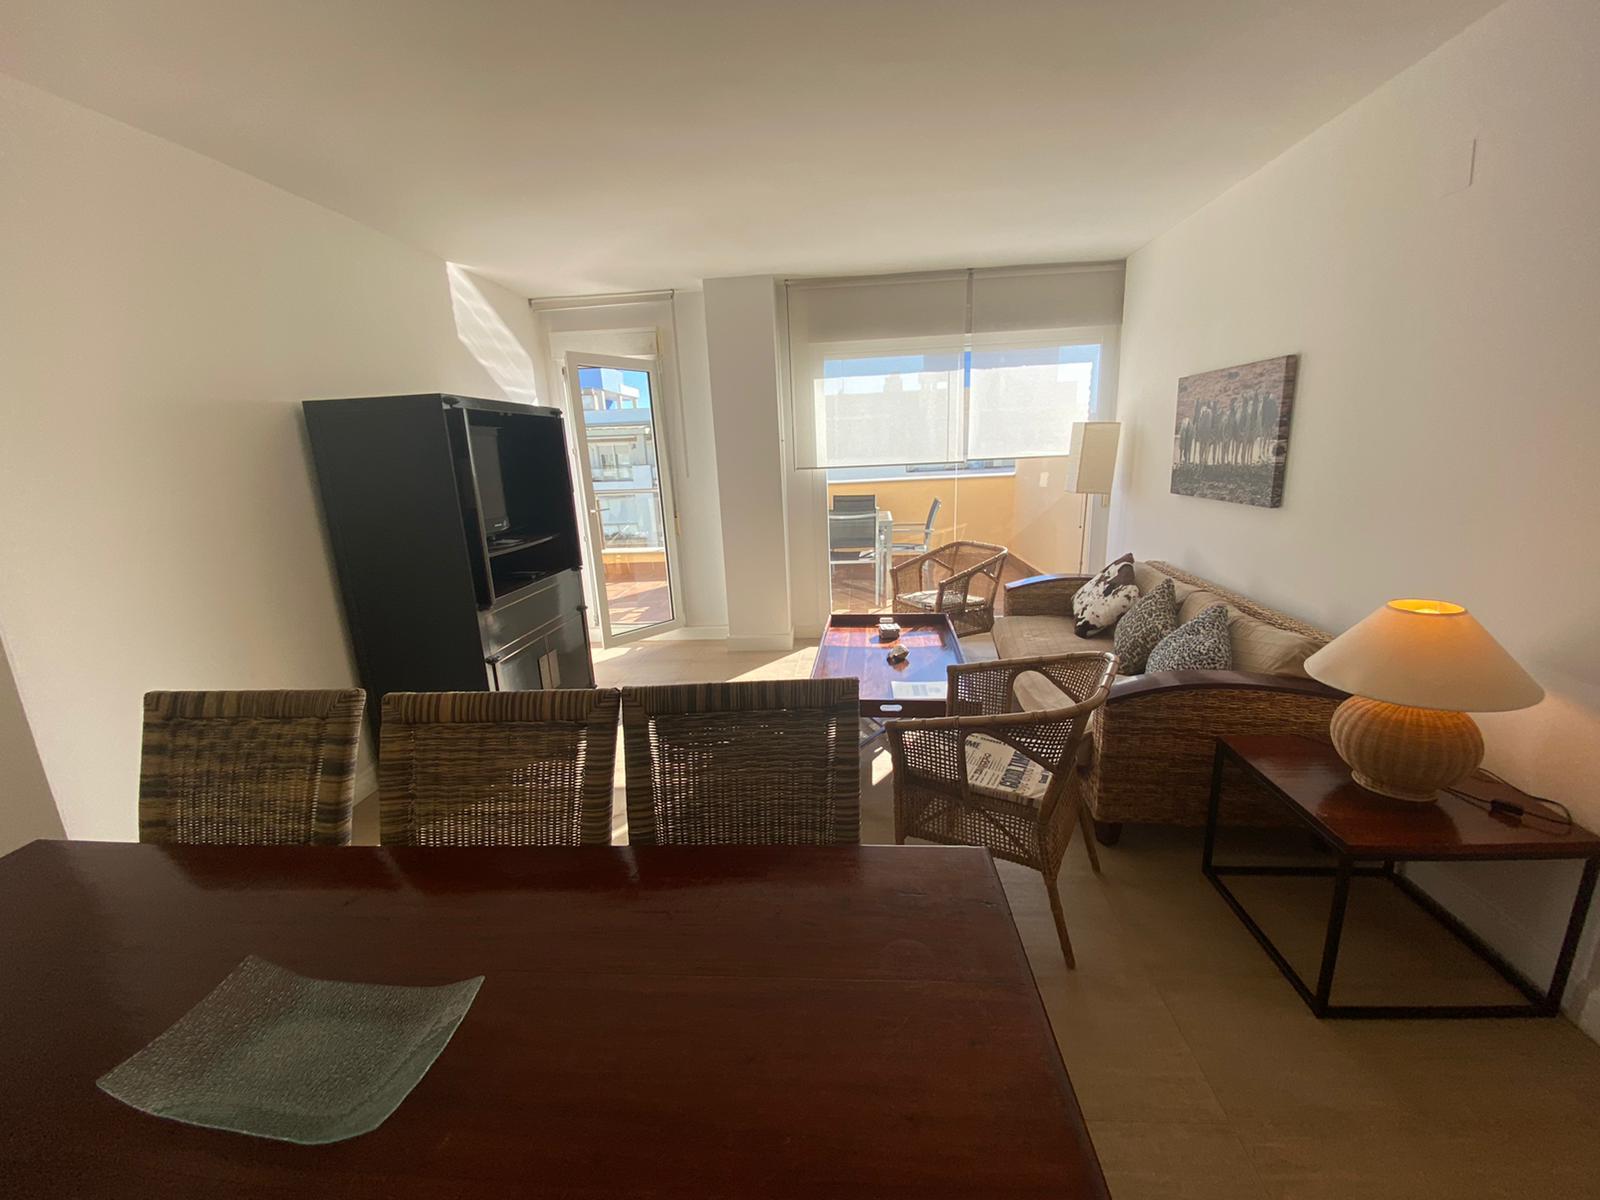 Imagen 16 del Apartamento Turístico, Ático 1 Levante (3d+2b), Punta del Moral (HUELVA), Paseo de la Cruz nº22